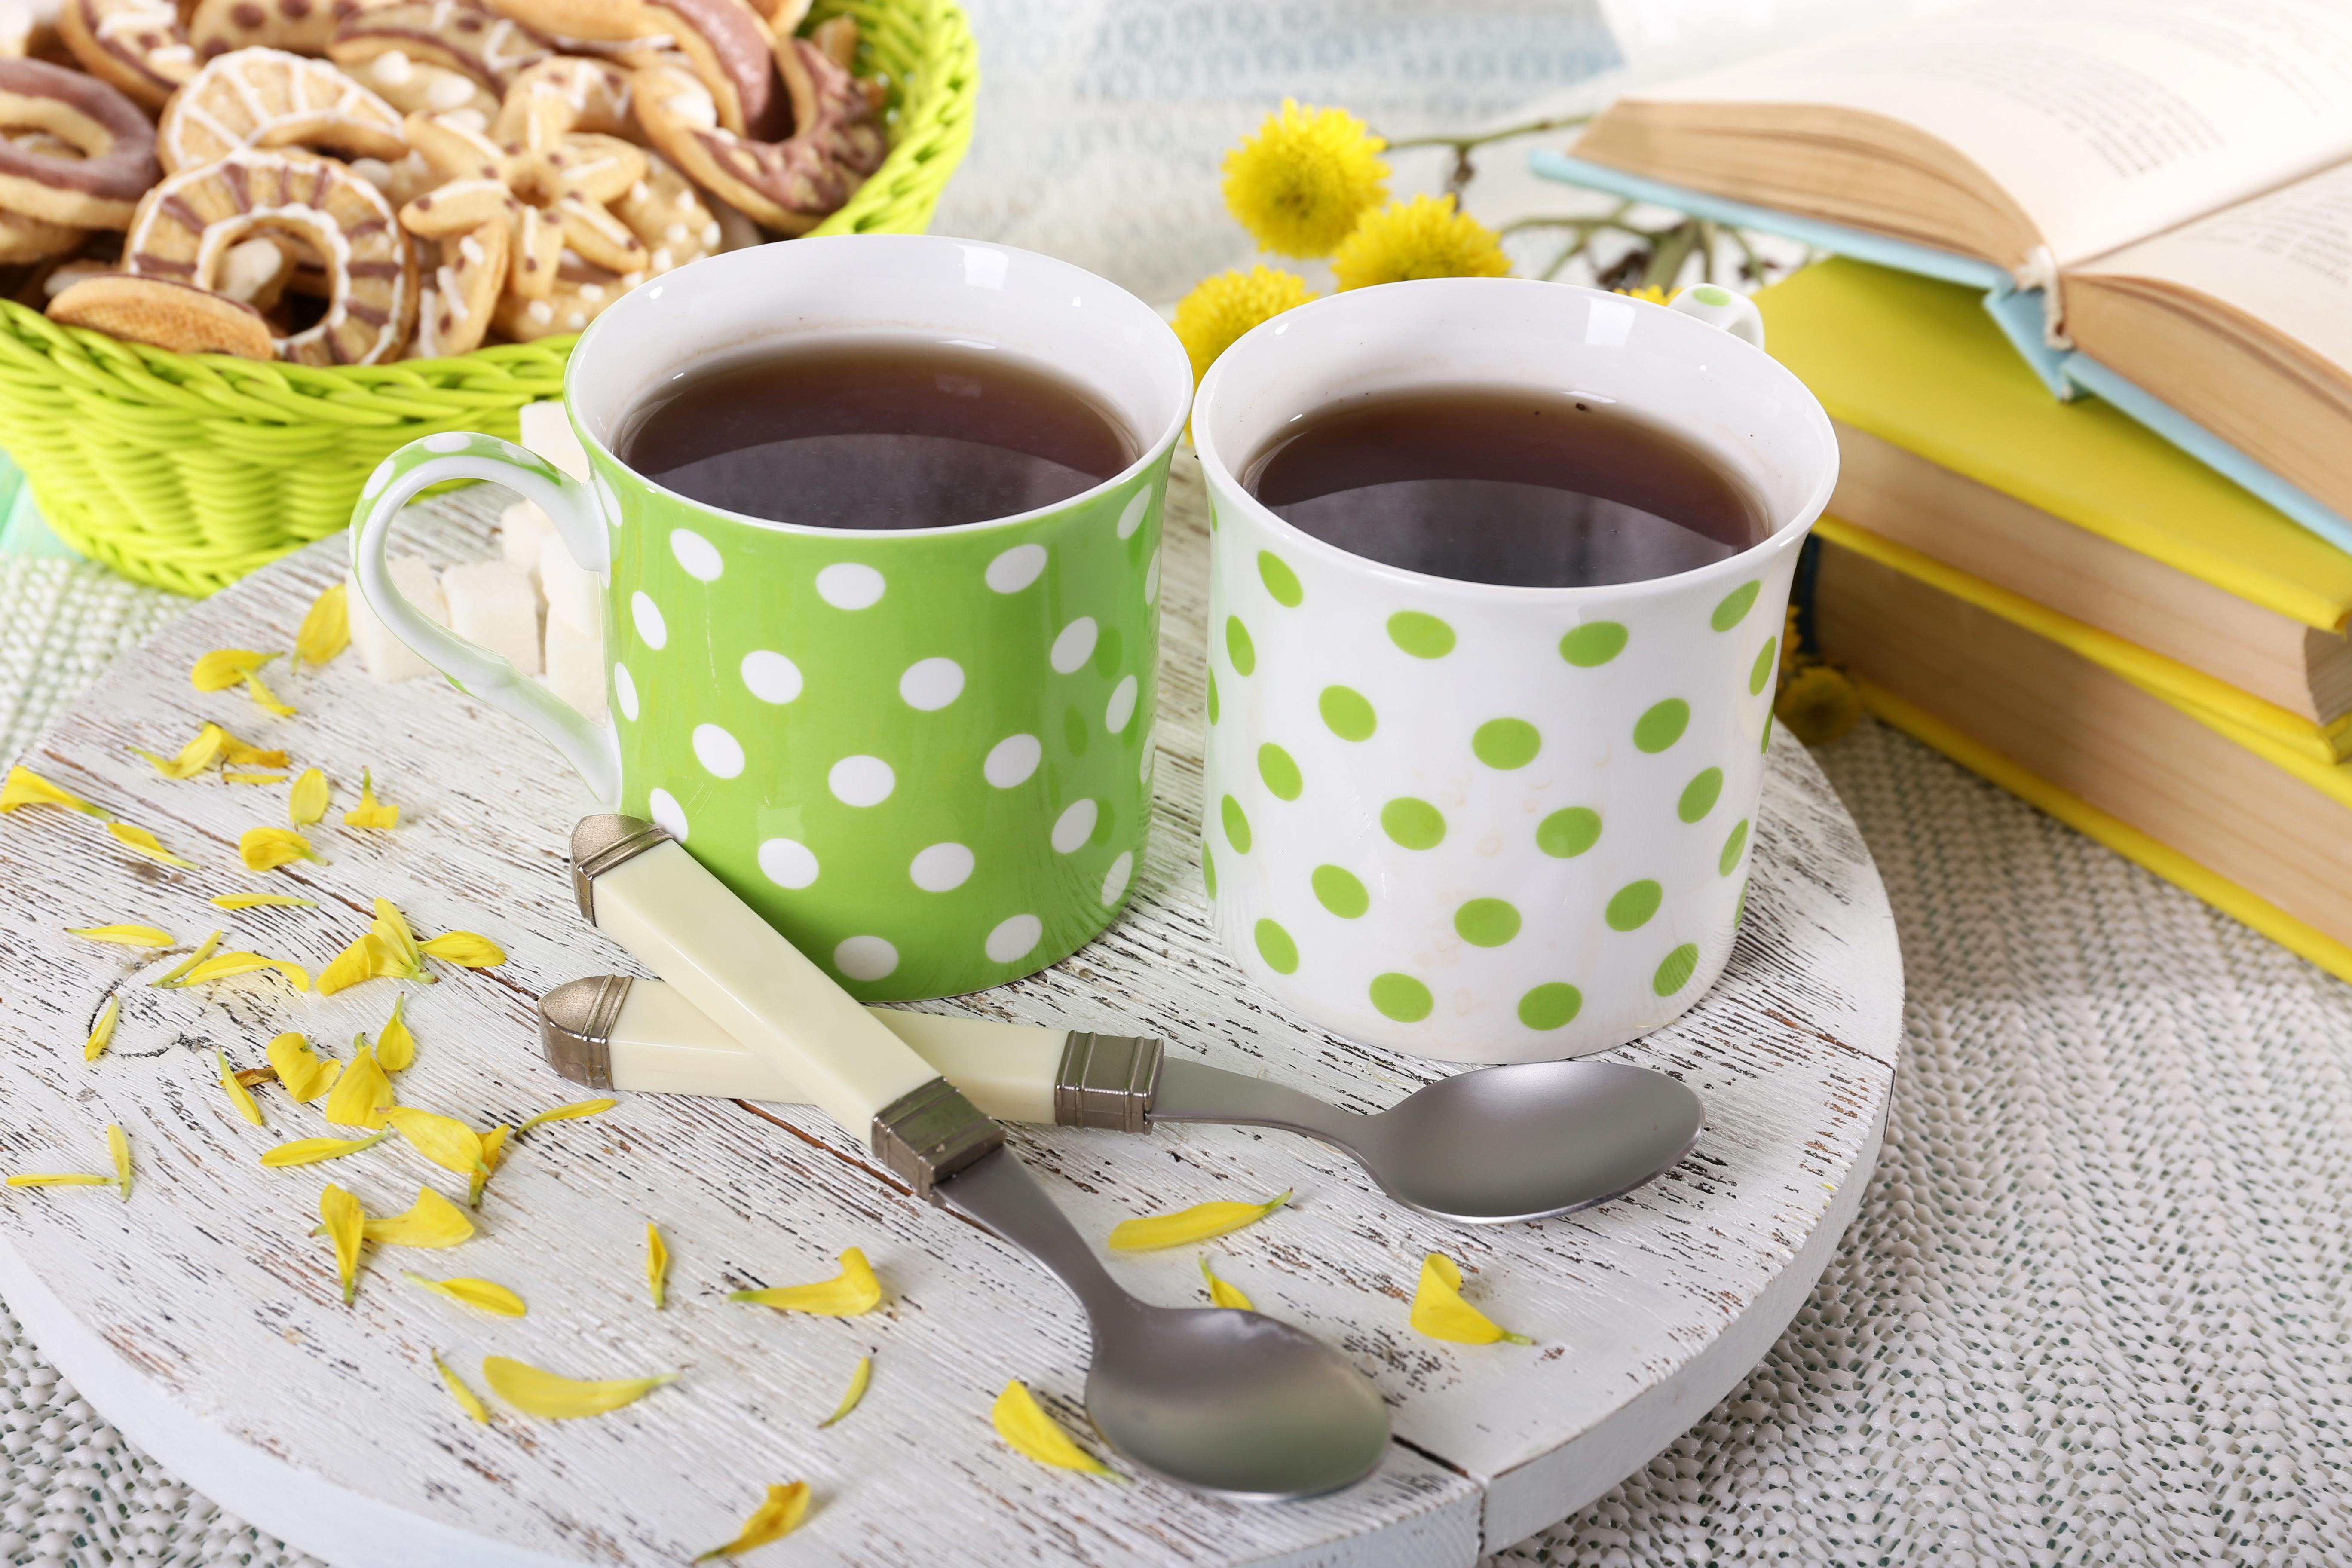 пятом месте картинка с кружкой чая или кофе появилась